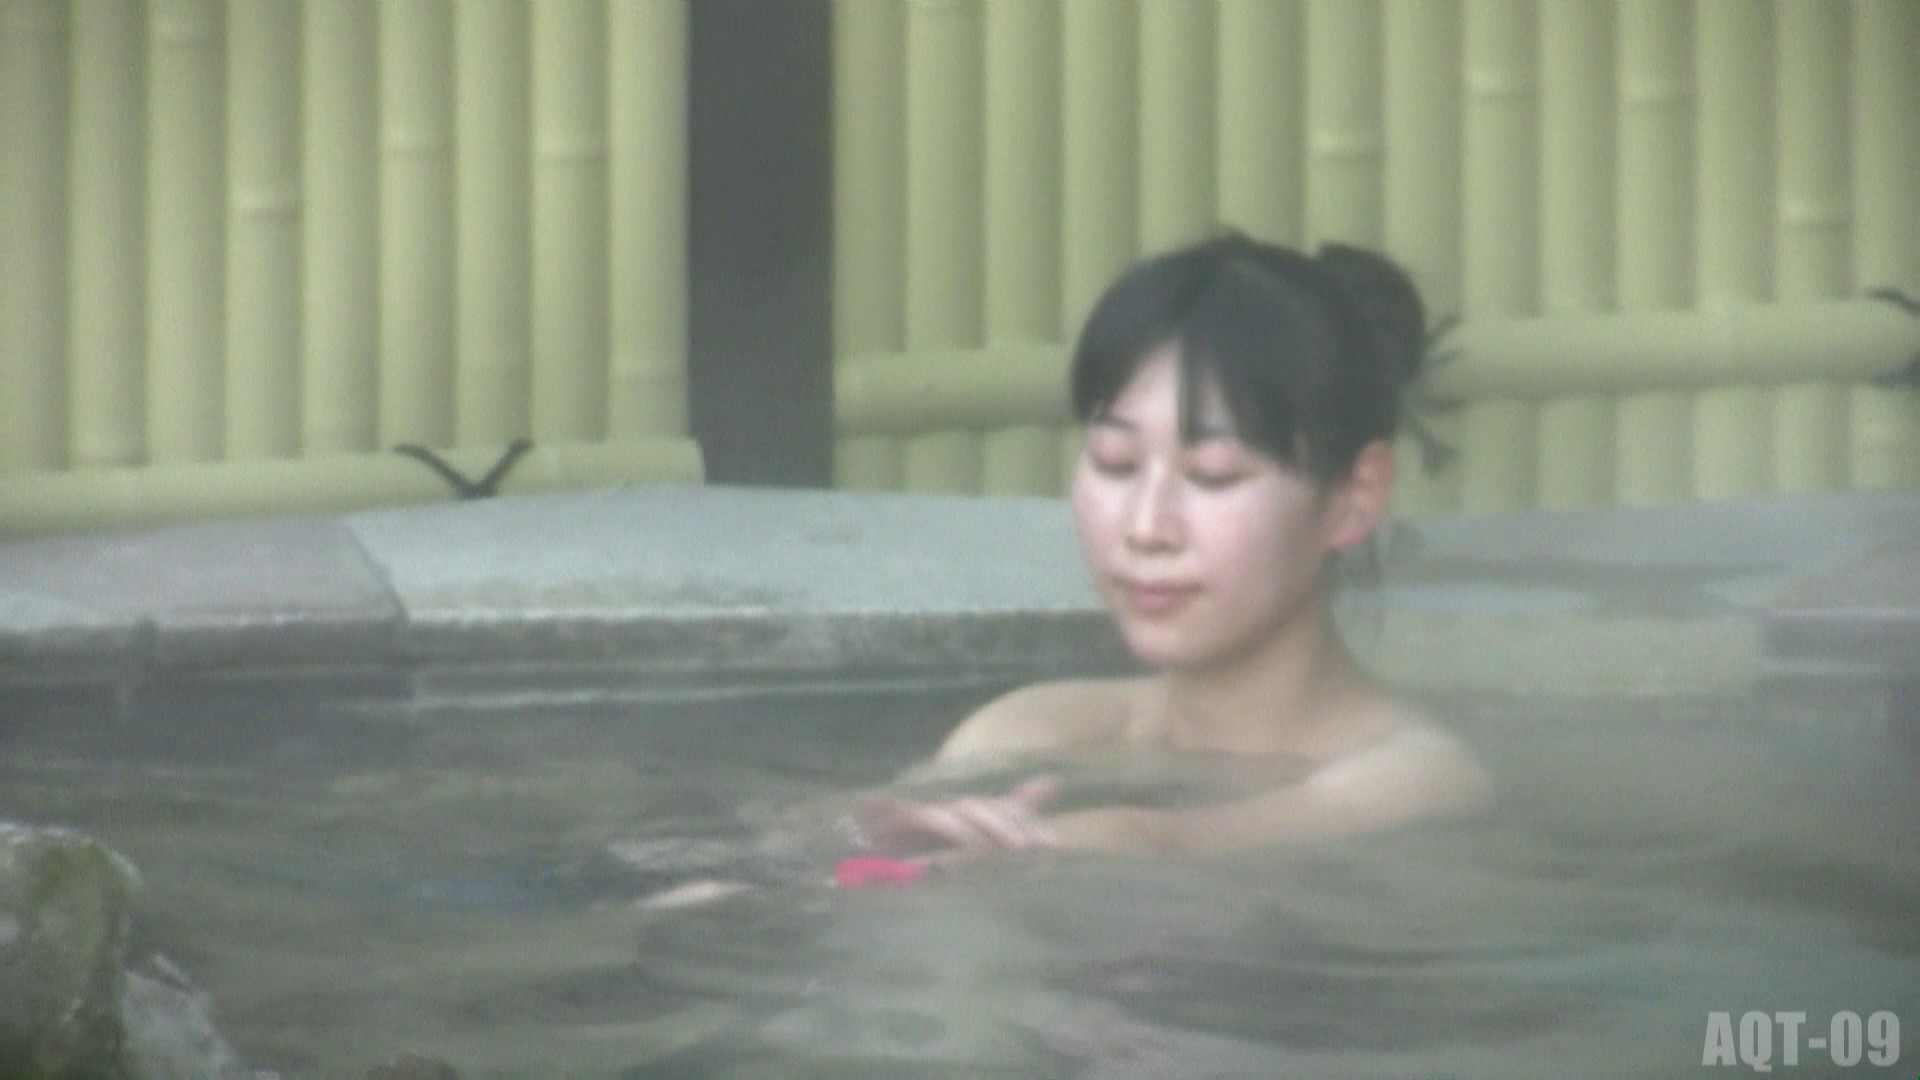 Aquaな露天風呂Vol.785 盗撮 | 露天  71pic 11